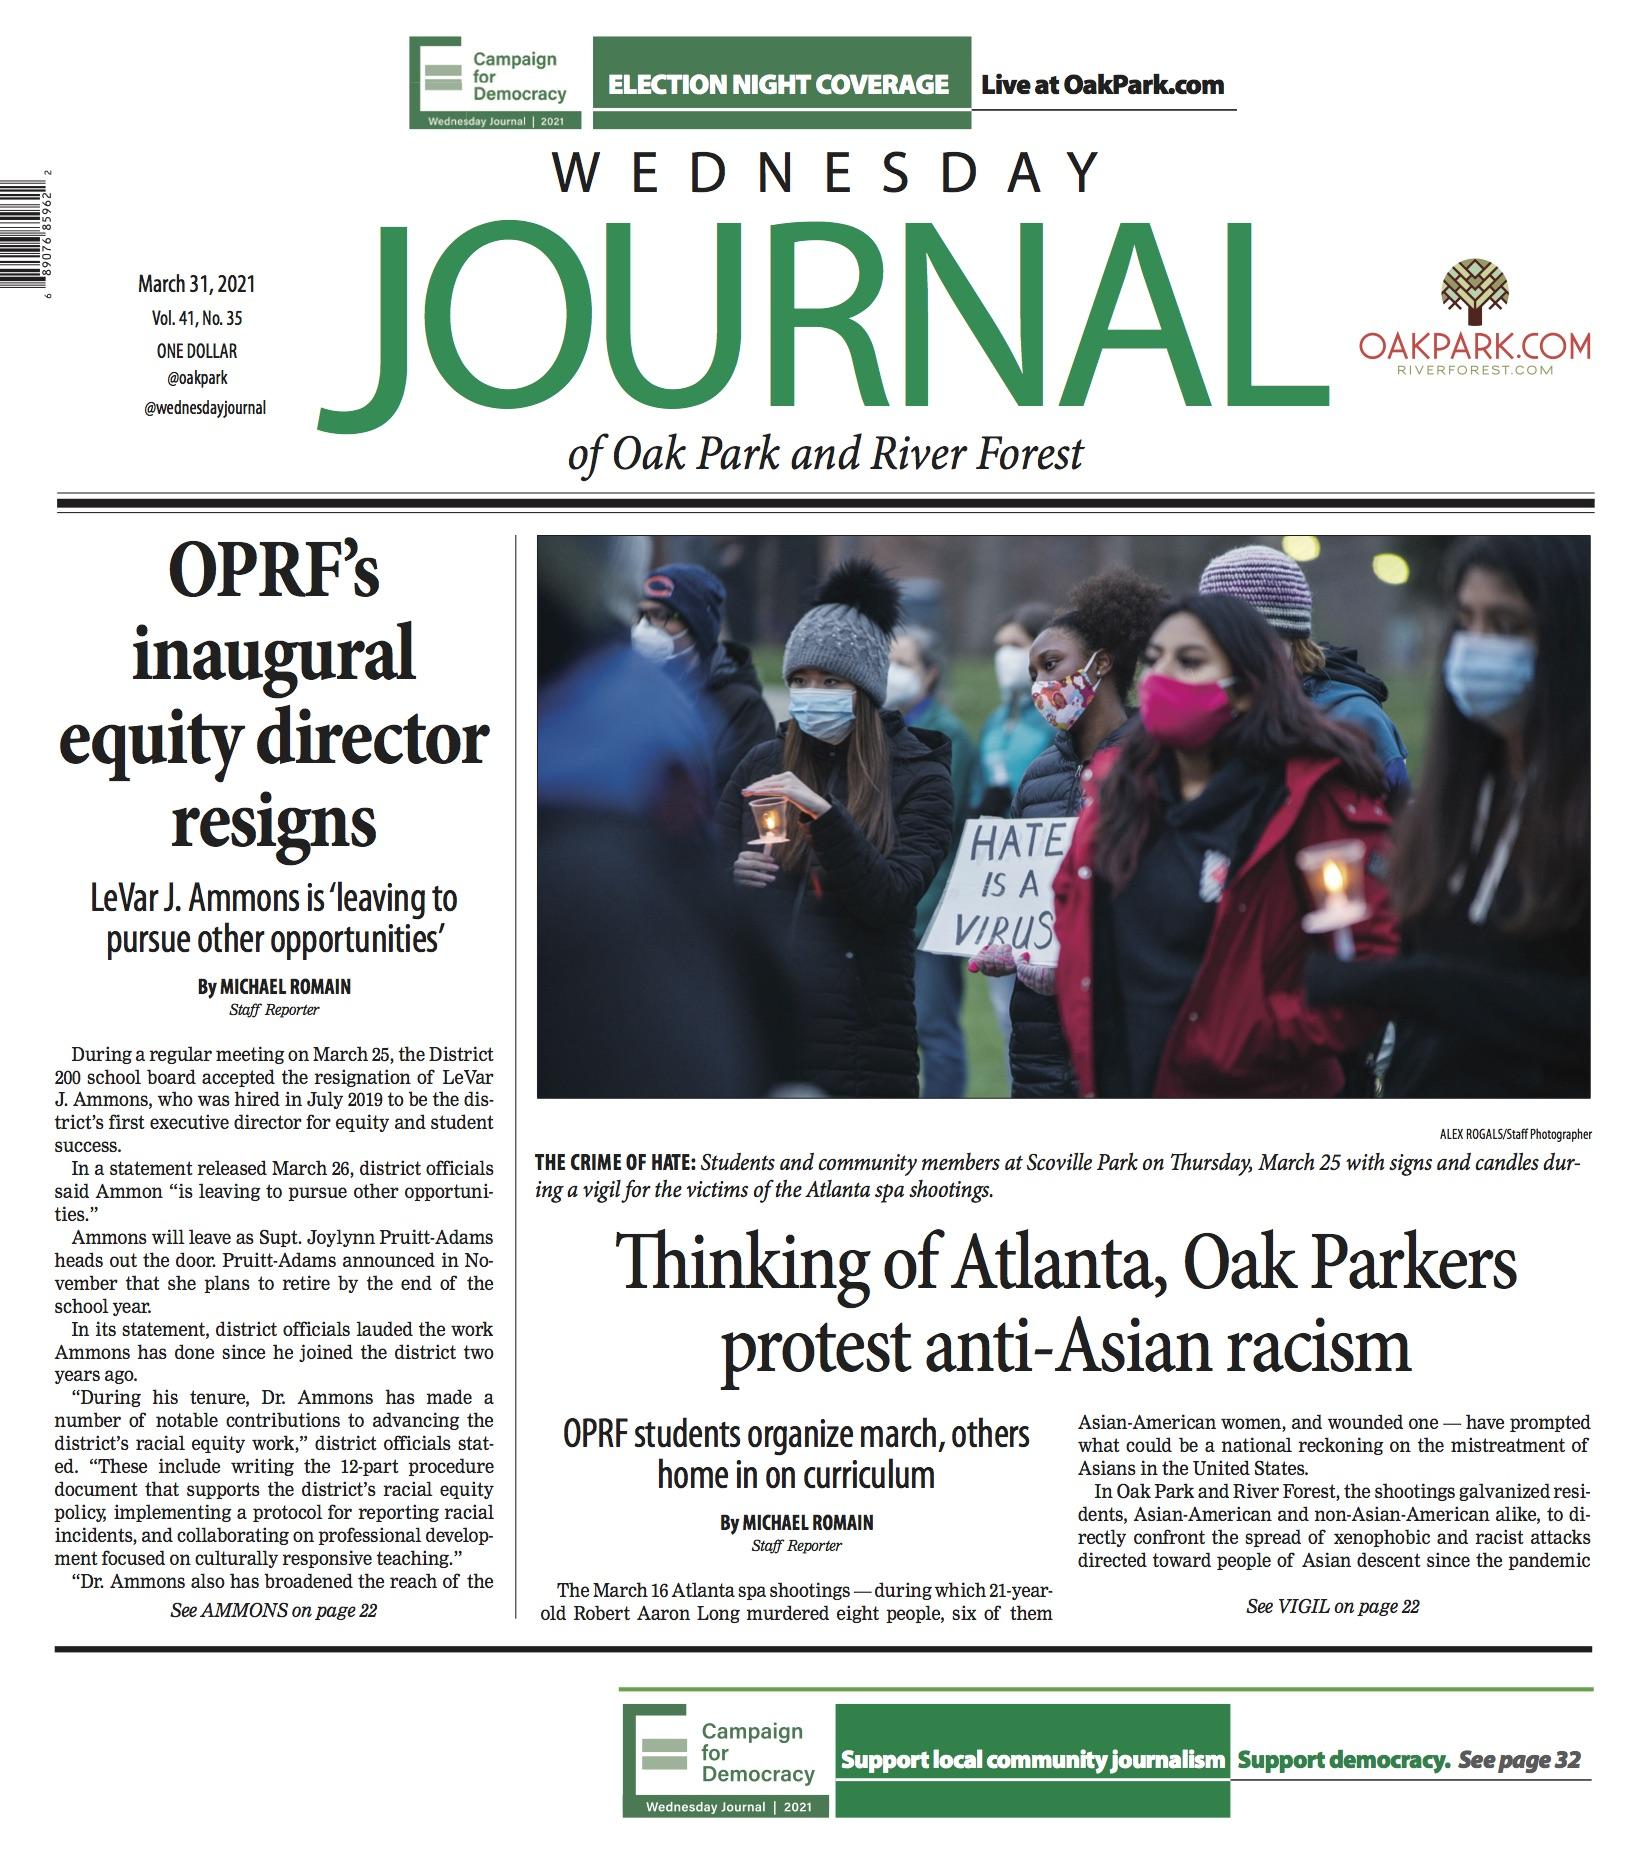 Print Edition: March 31 - Oak Park